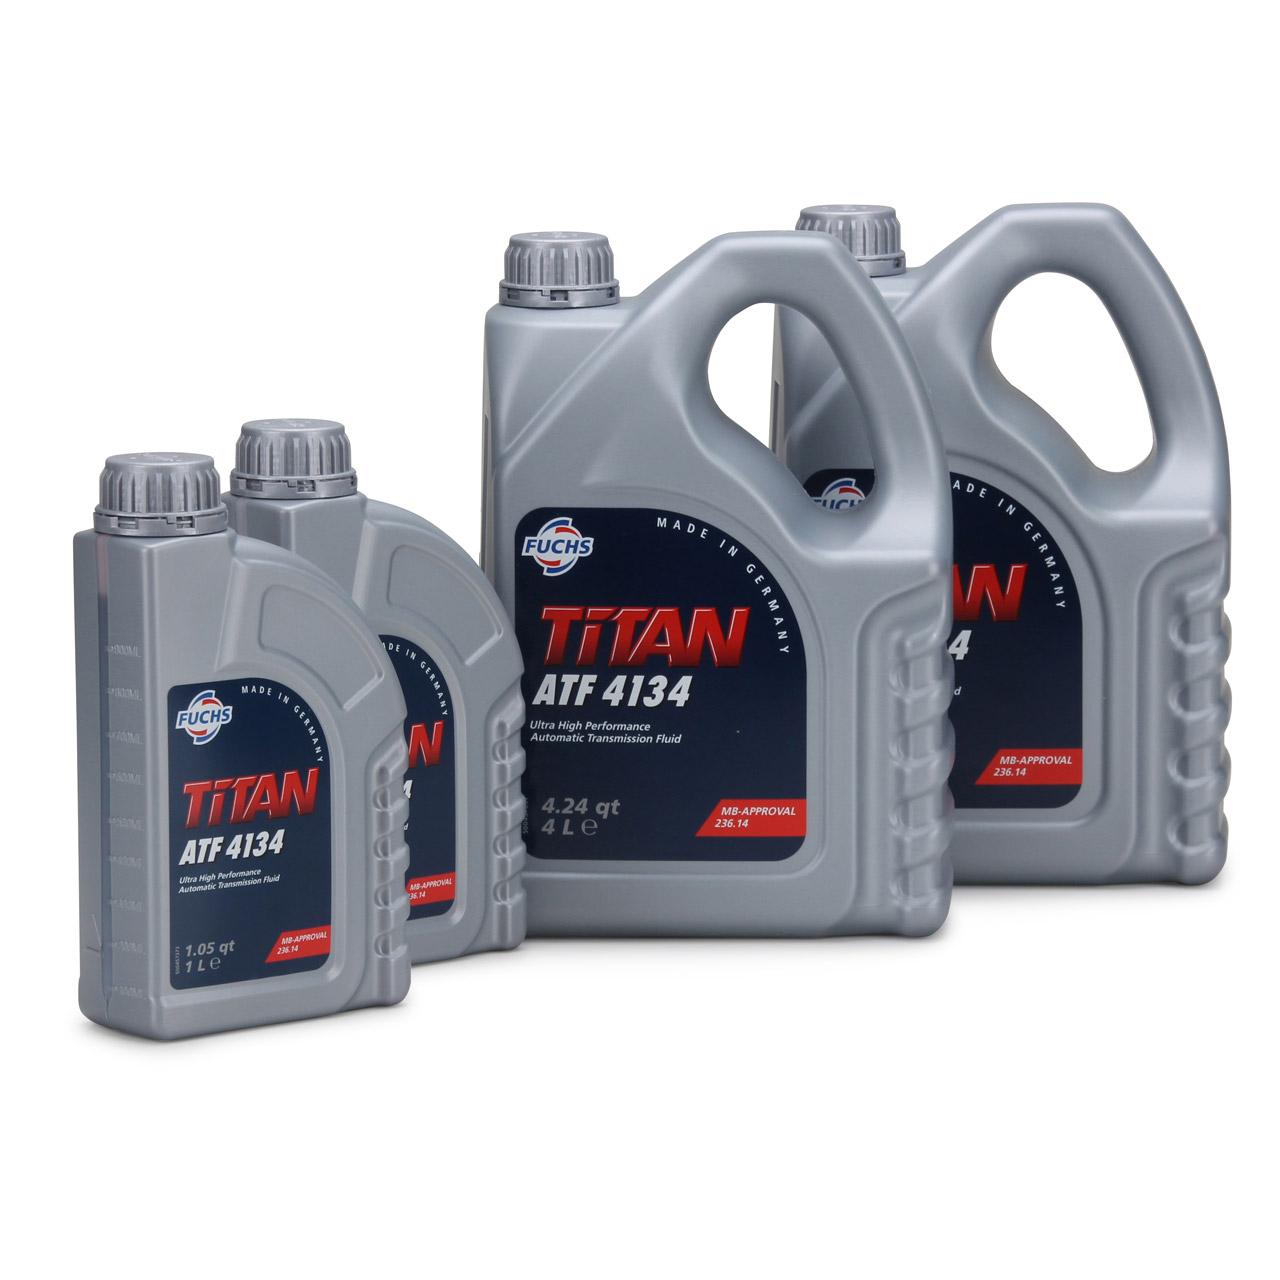 FUCHS Getriebeöl Automatikgetriebeöl TITAN ATF 4134 10L 10 Liter MB 236.14